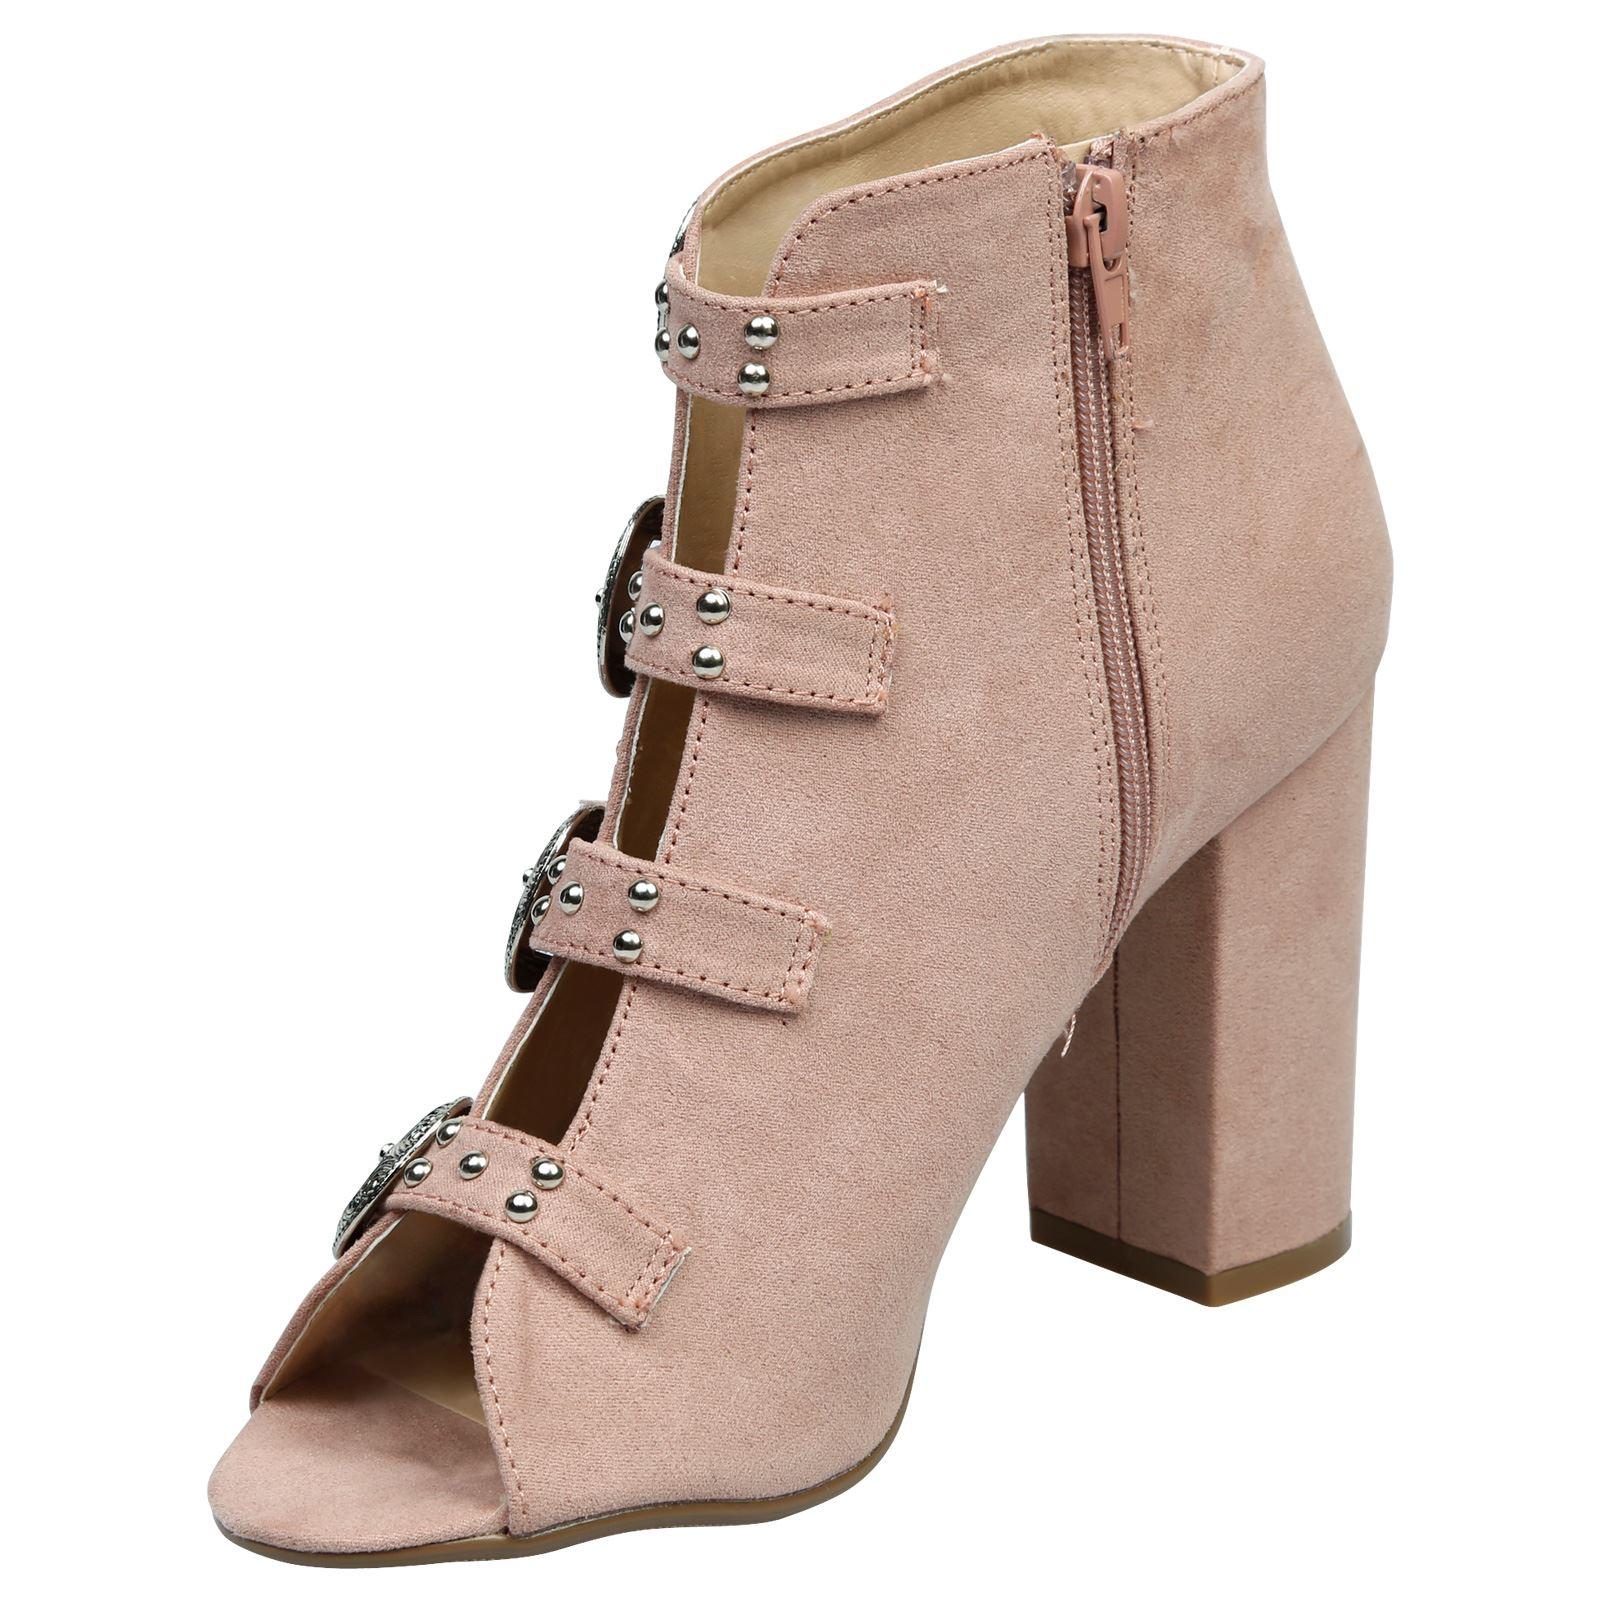 Nami-Mujer-Mediados-Bloque-talon-Peep-Toe-Hebilla-Alto-Botas-al-Tobillo-Zapatos-De-Las-Senoras